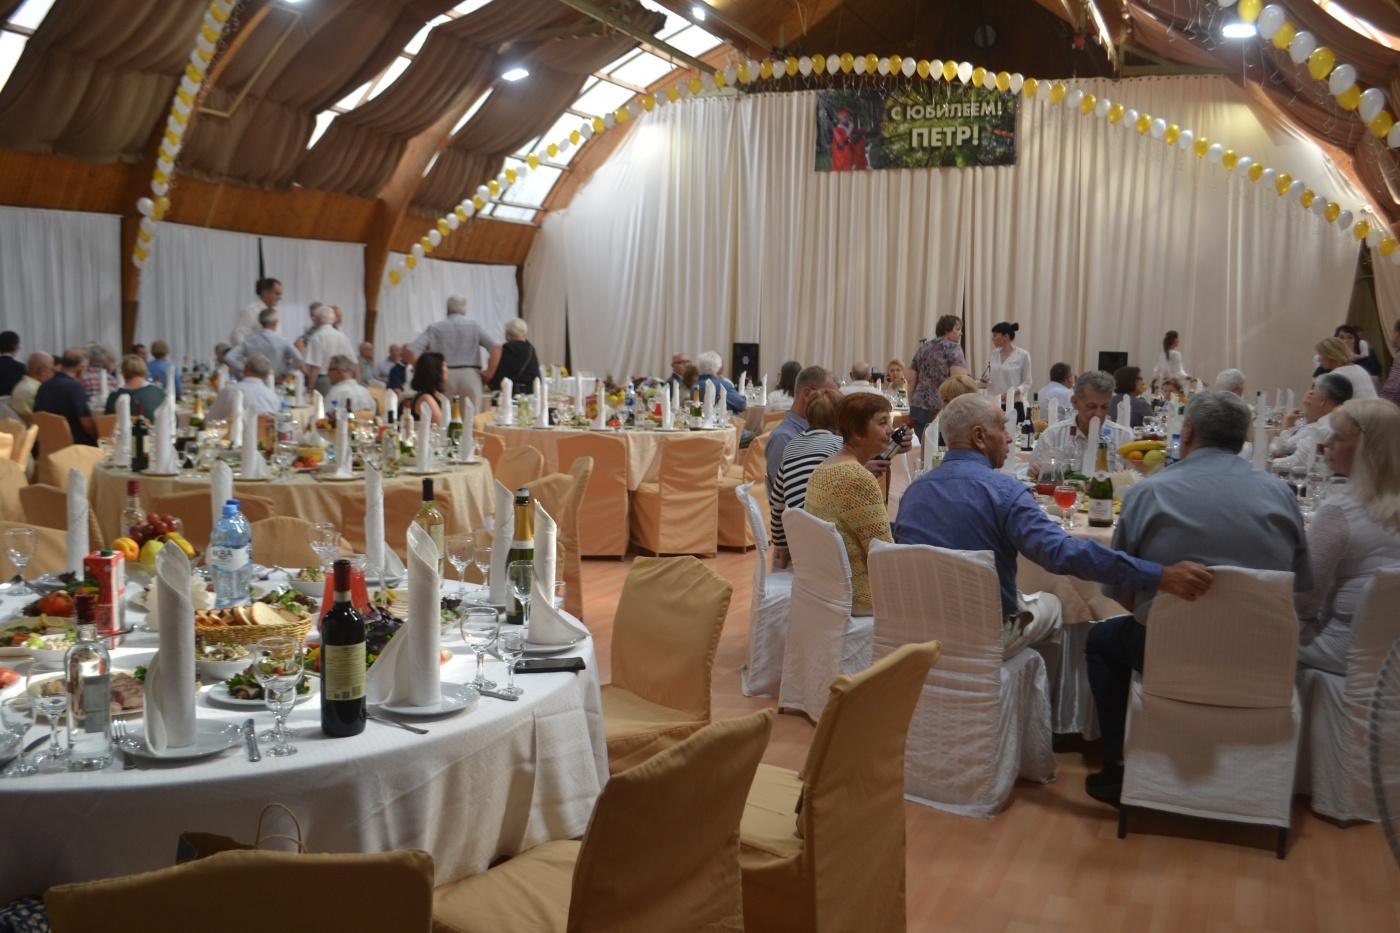 Дом отдыха «Экотель Снегирек» Московская область Большой зал ресторана, фото 4